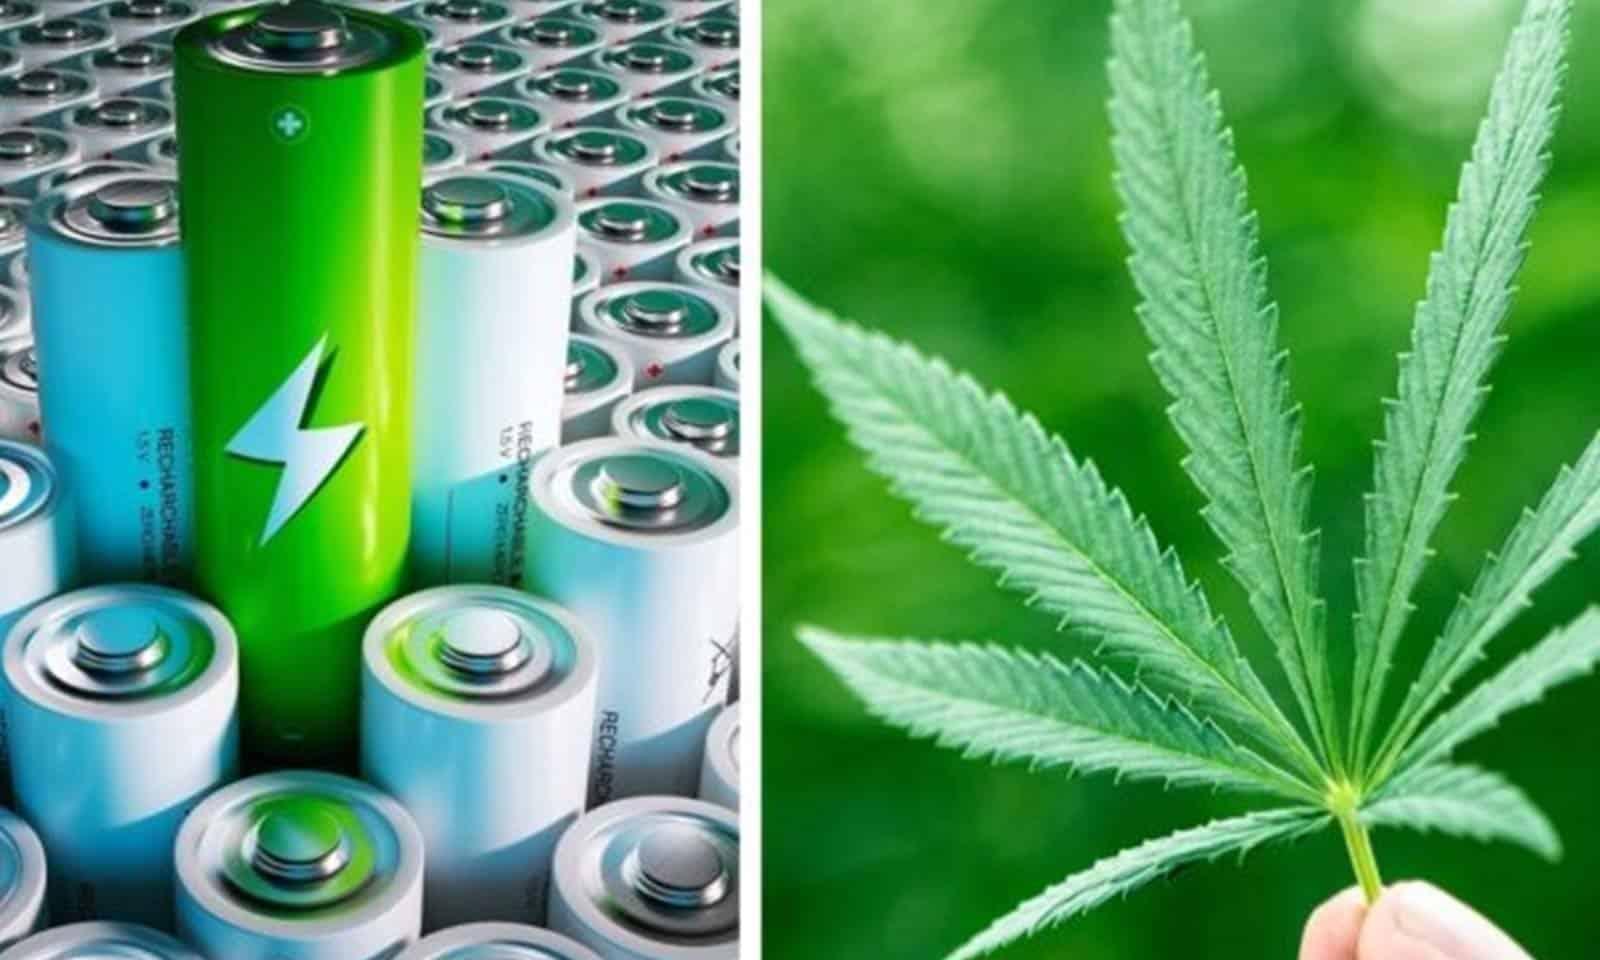 Baterias de cânhamo são ainda mais poderosas que o lítio e o grafeno, mostra um novo estudo